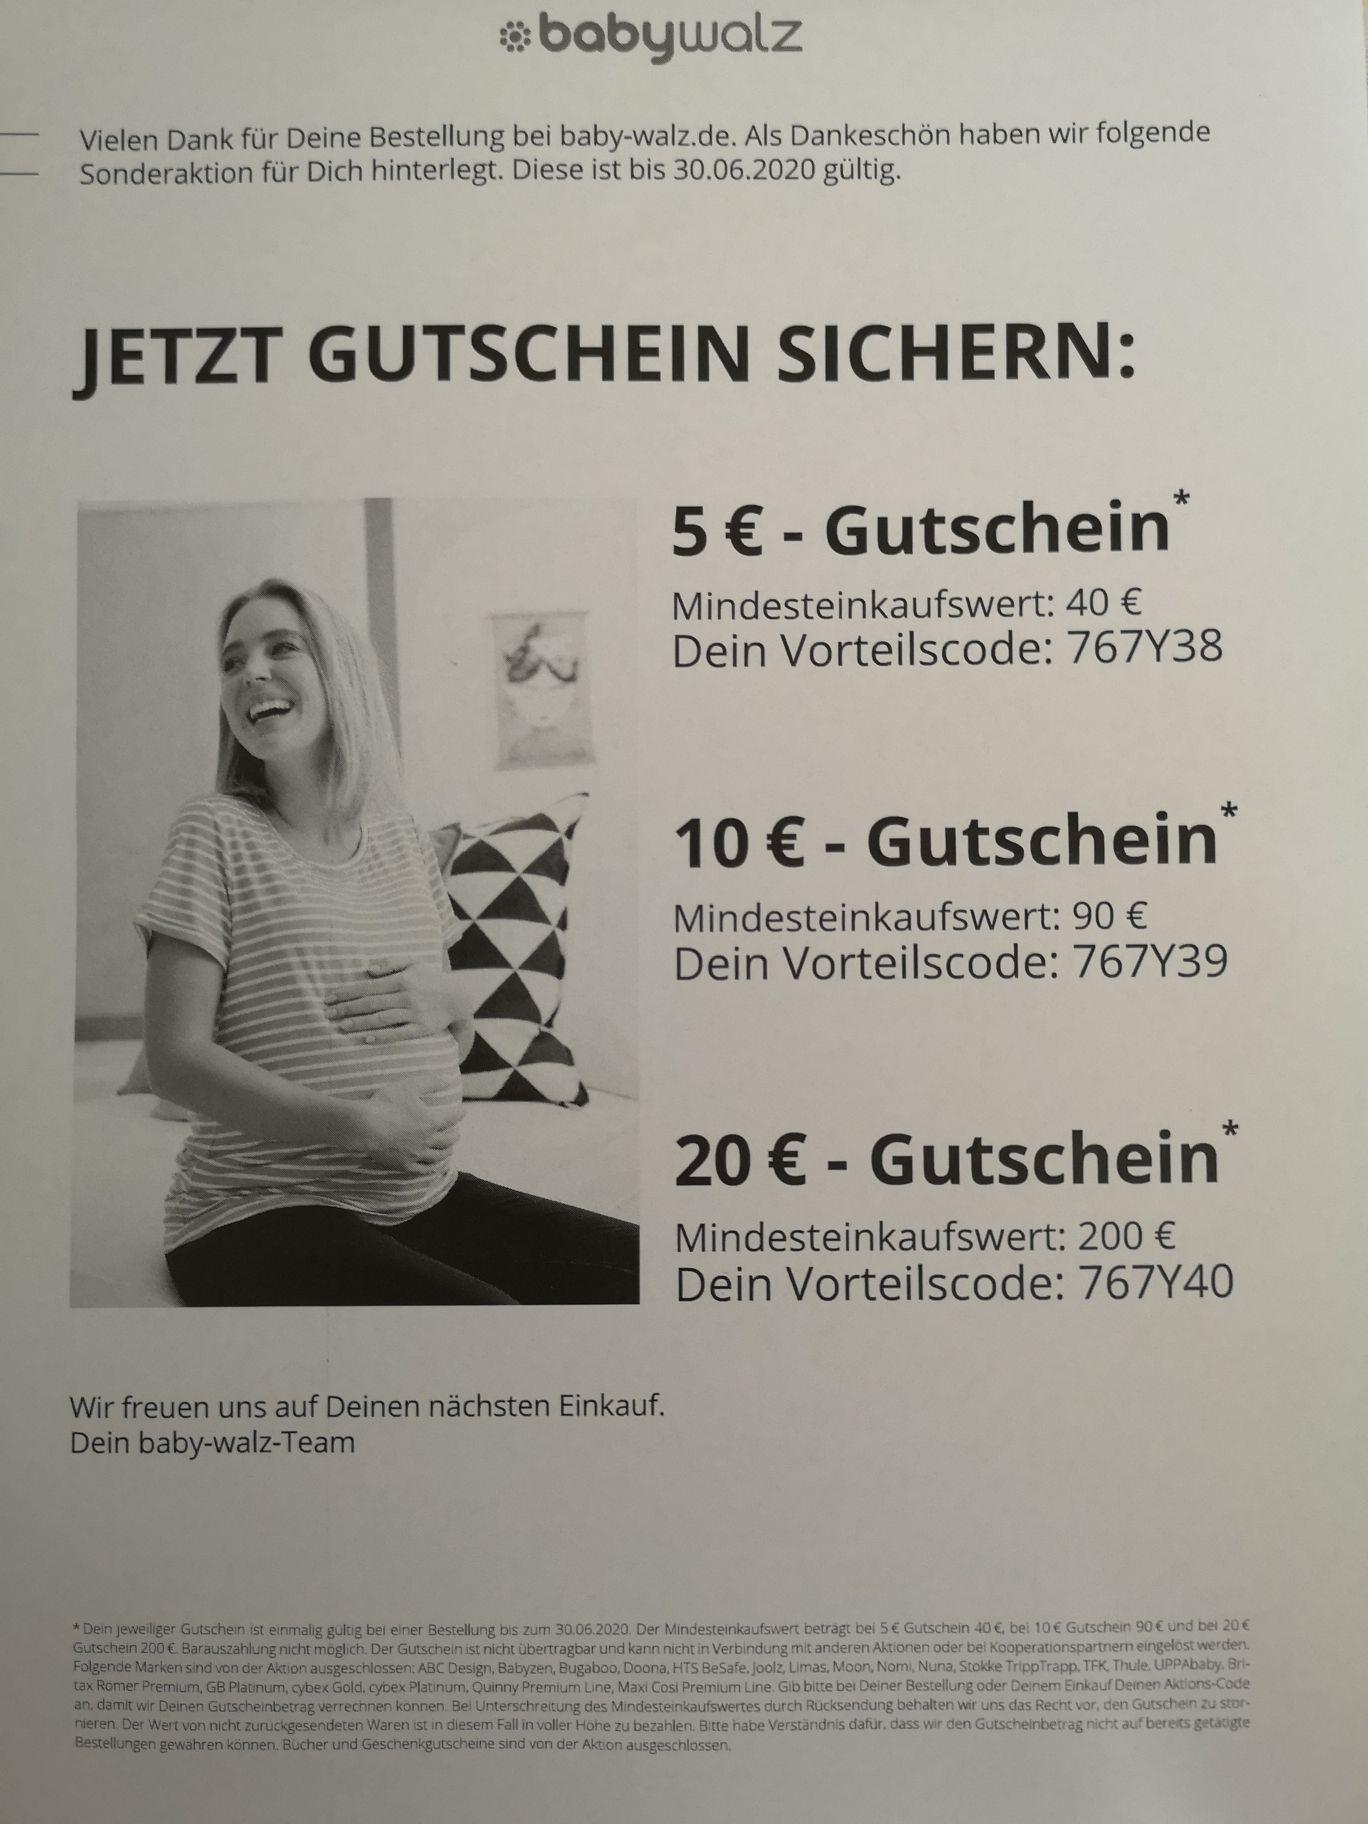 Baby-Walz / Babywalz - Gutscheine 5€ ab 40€, 10€ ab 90€ und 20€ ab 200€ (MBW) ggf kombinierbar mit 3% Shoop